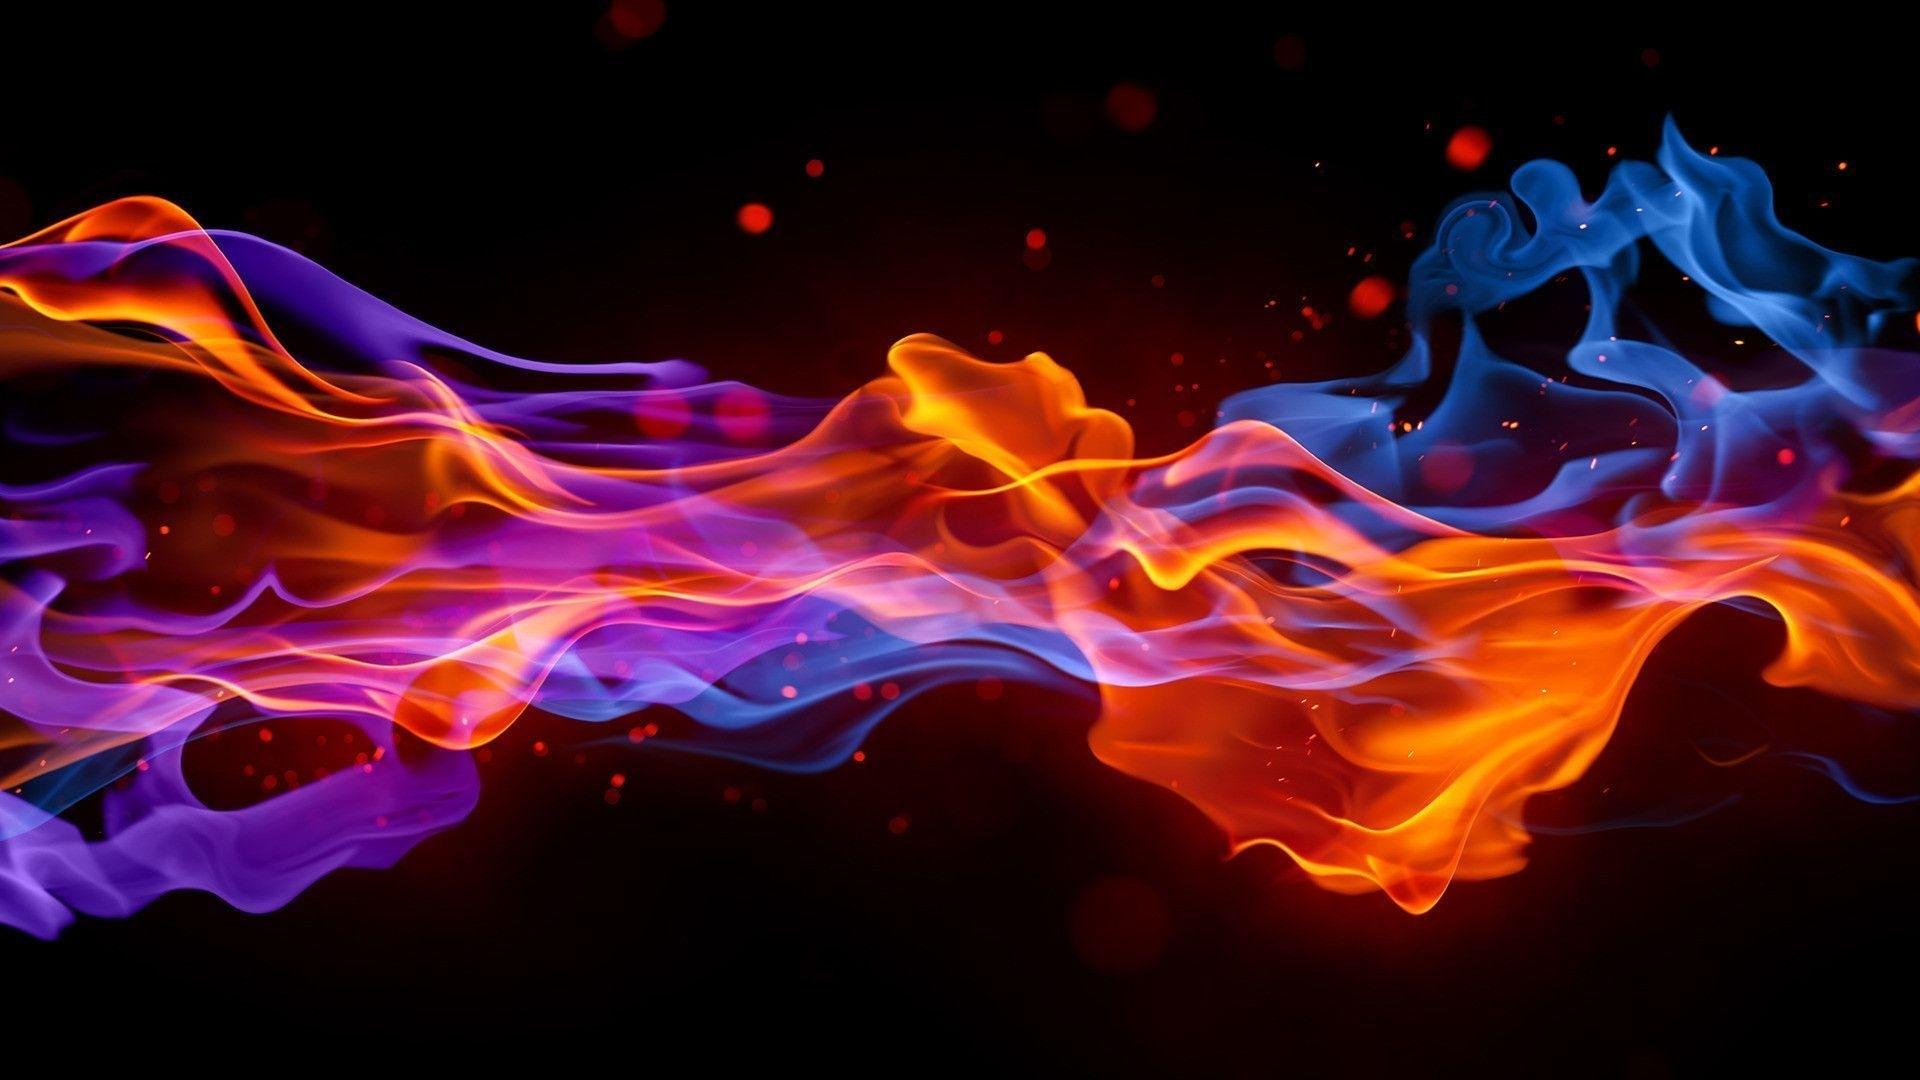 cool fire backgrounds wallpaper | wallpapers | pinterest | wallpaper